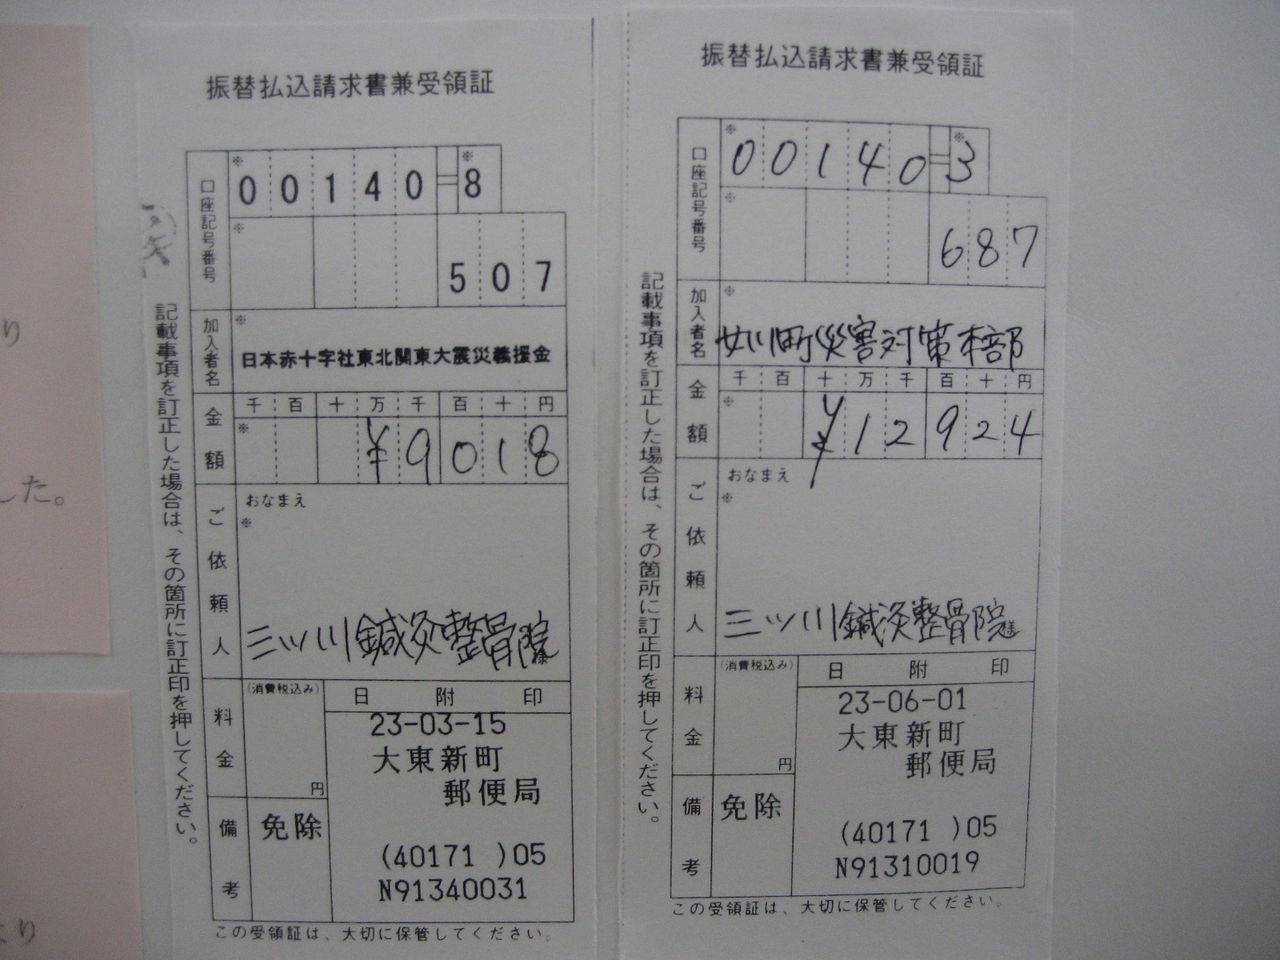 義援金を送金しました | 不妊|鍼灸|大阪|卵子の質|鍼灸治療は三ツ川レディース鍼灸院